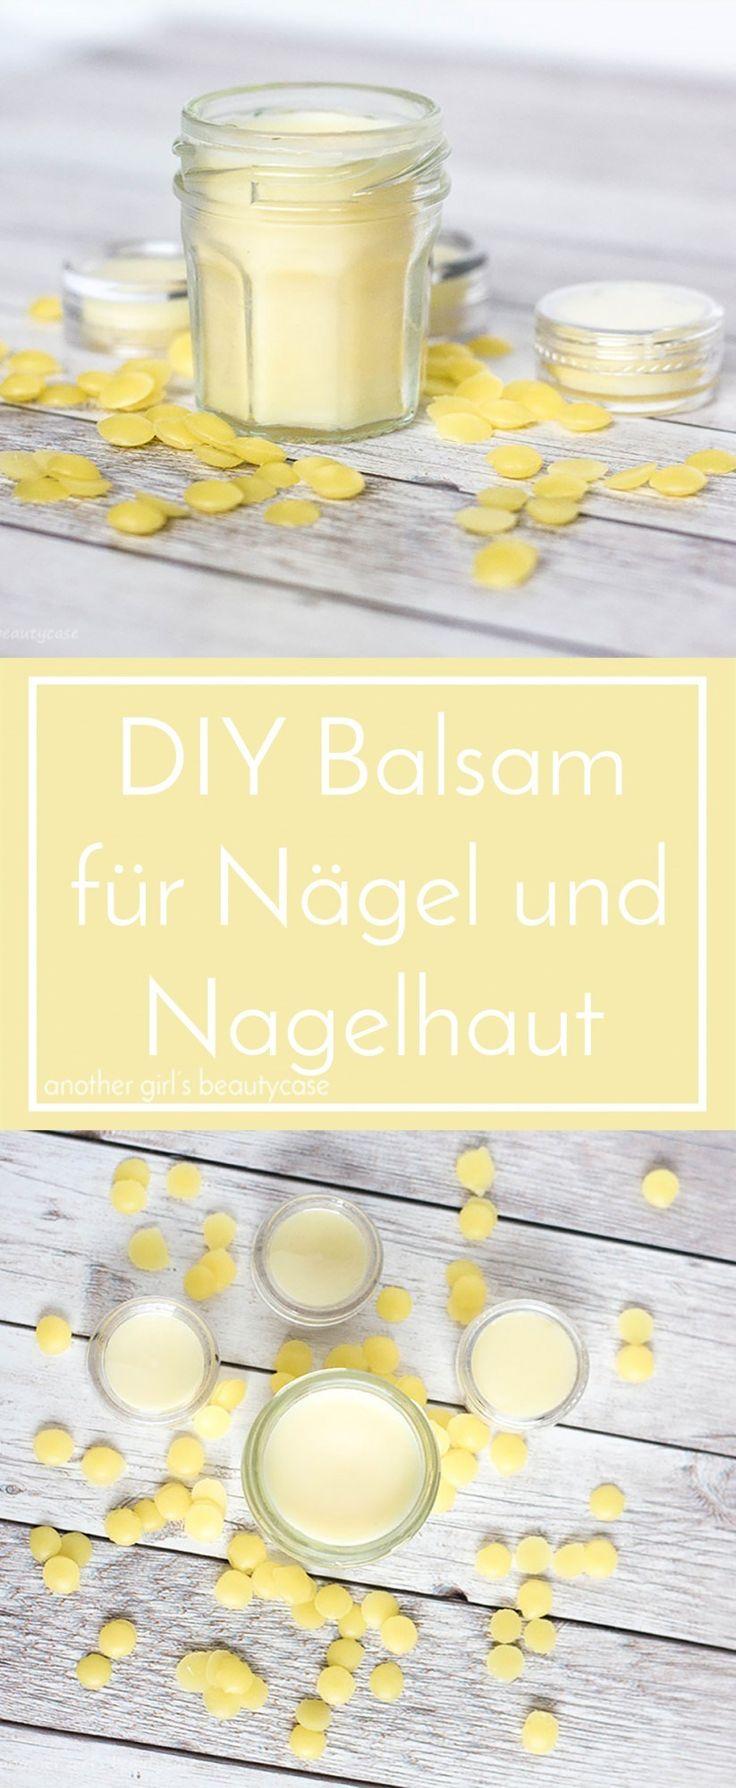 DIY Nagelpflege für schöne Nägel und Nagelhaut